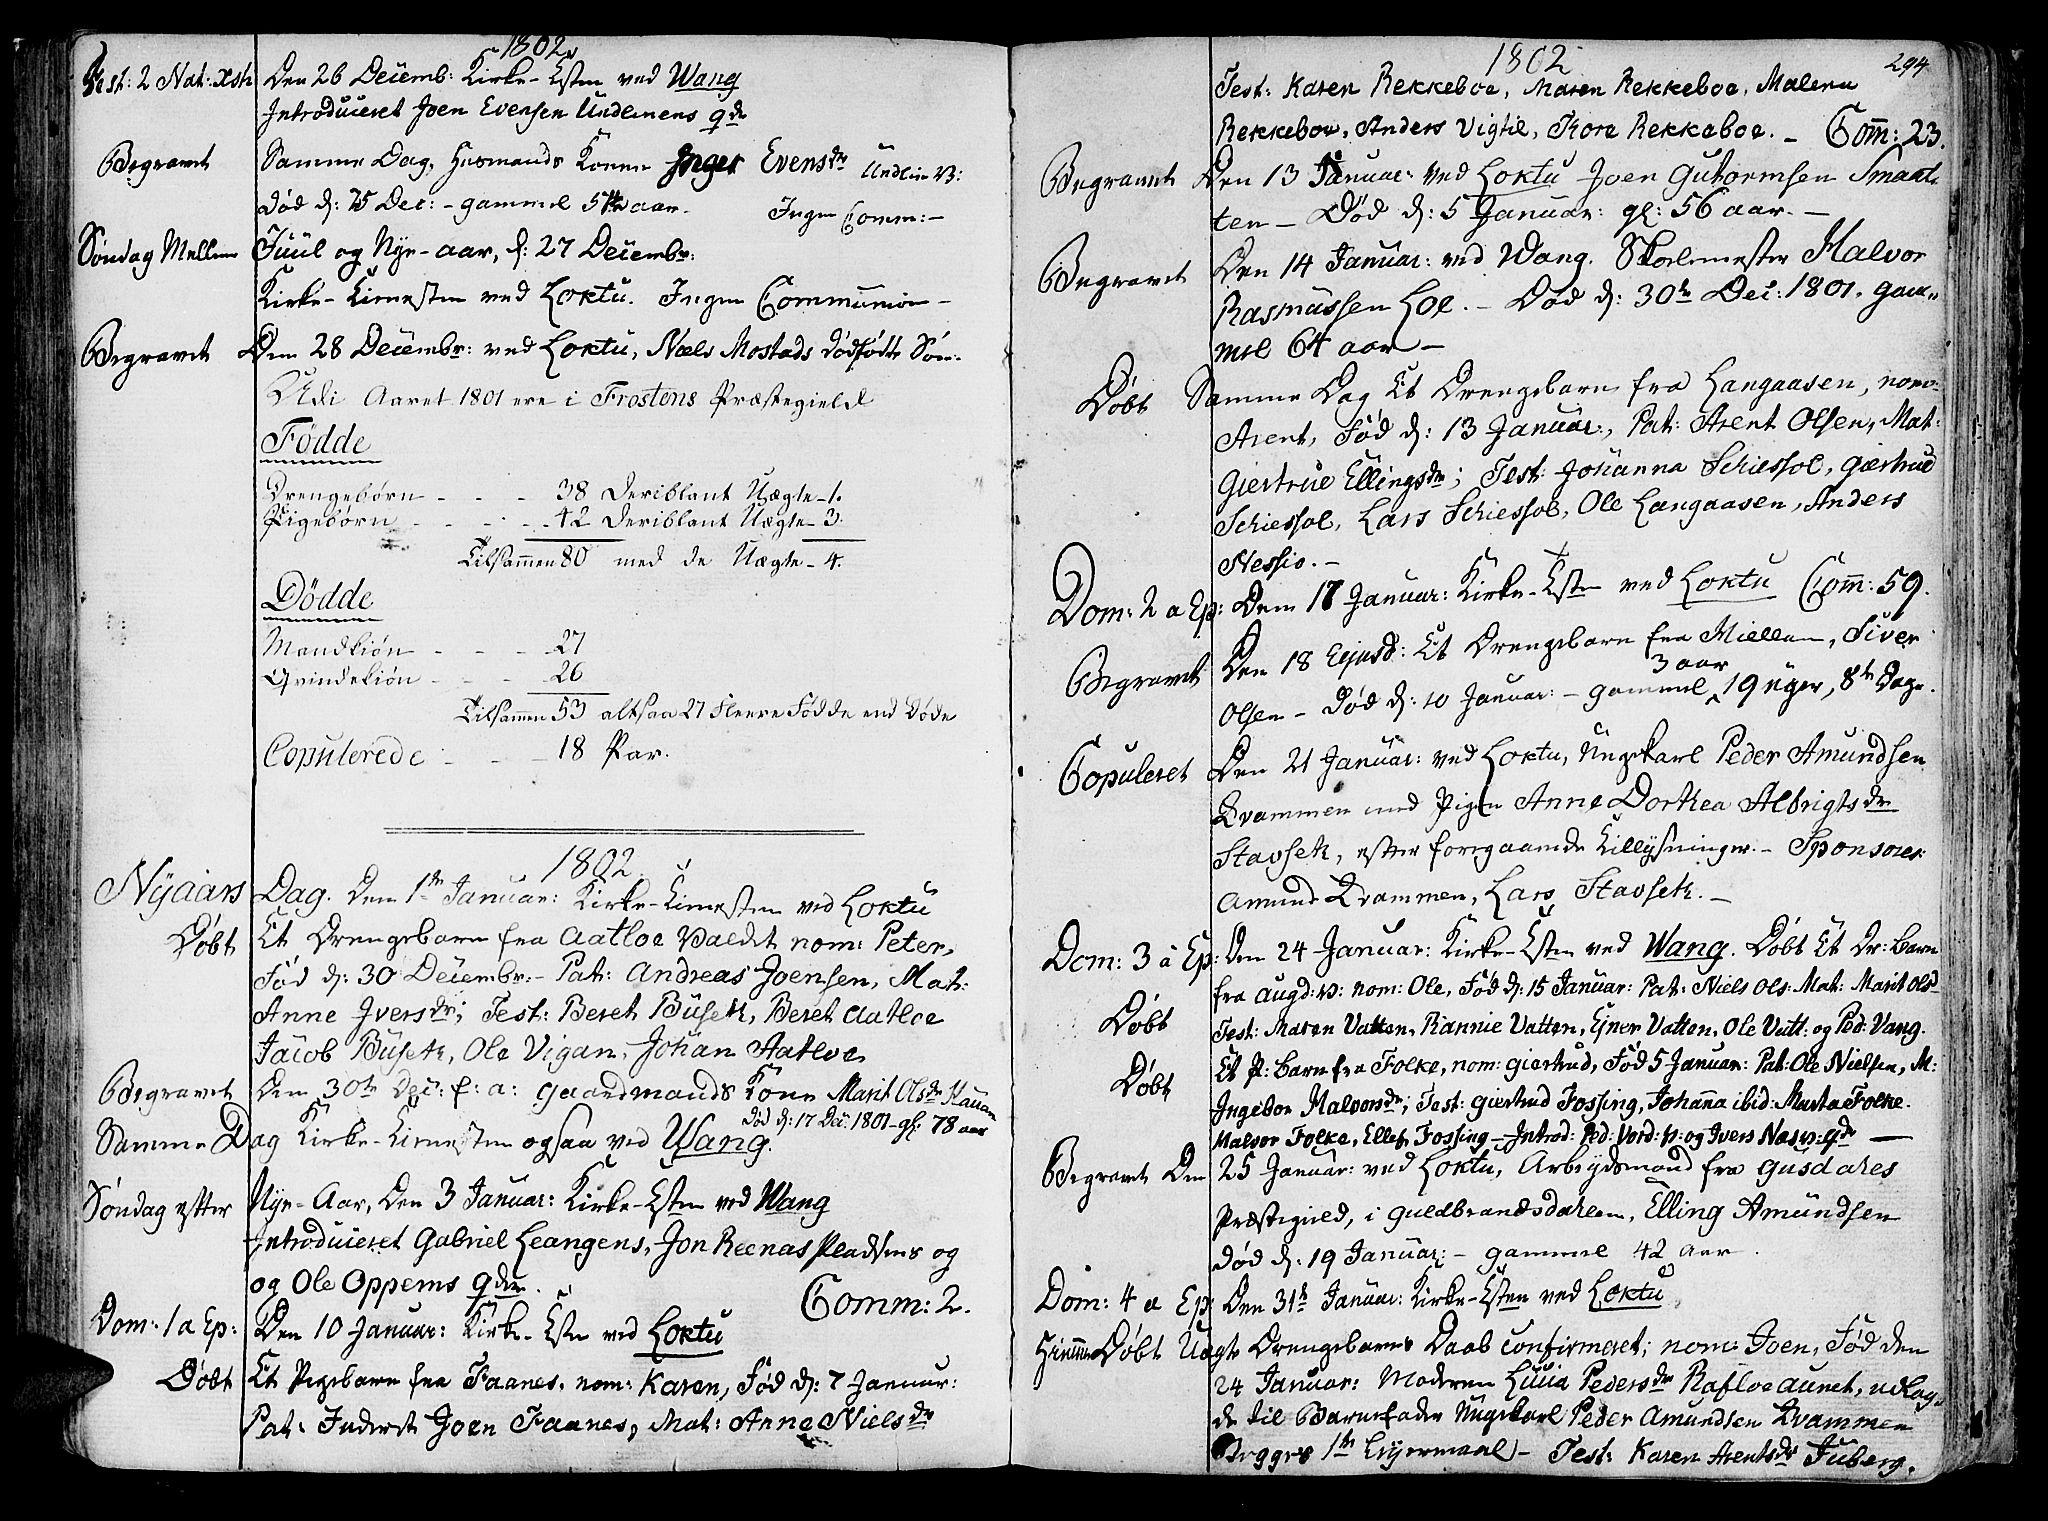 SAT, Ministerialprotokoller, klokkerbøker og fødselsregistre - Nord-Trøndelag, 713/L0110: Ministerialbok nr. 713A02, 1778-1811, s. 293-294